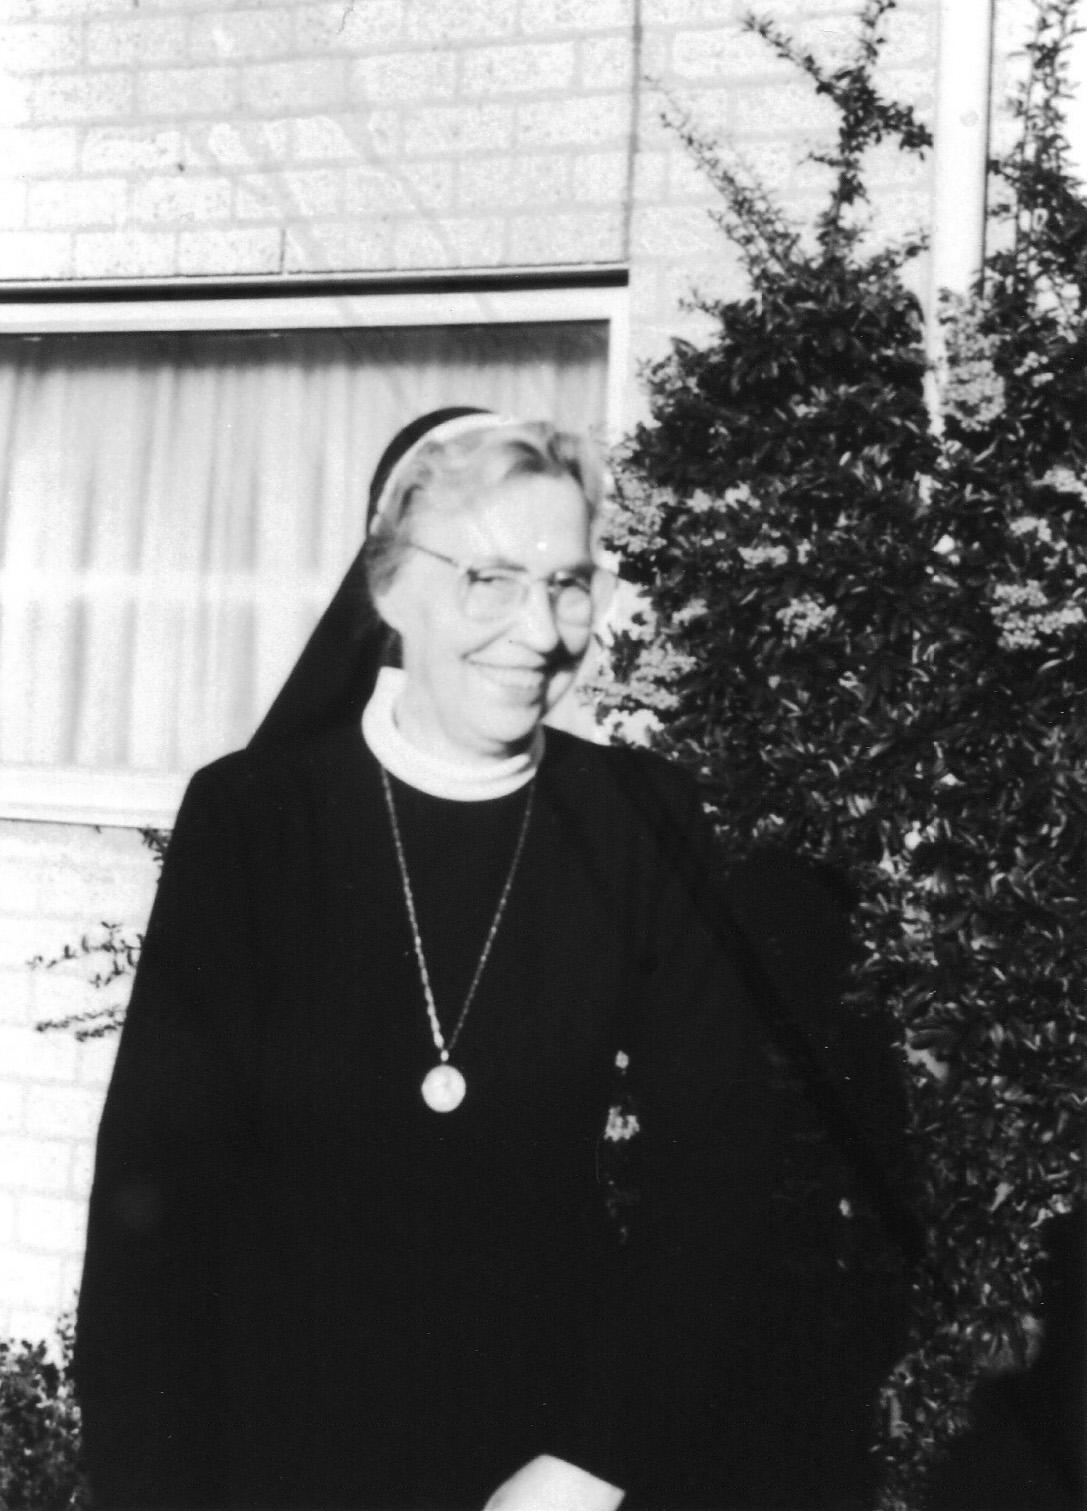 ca 1970 Zuster Immaculata van Rooij